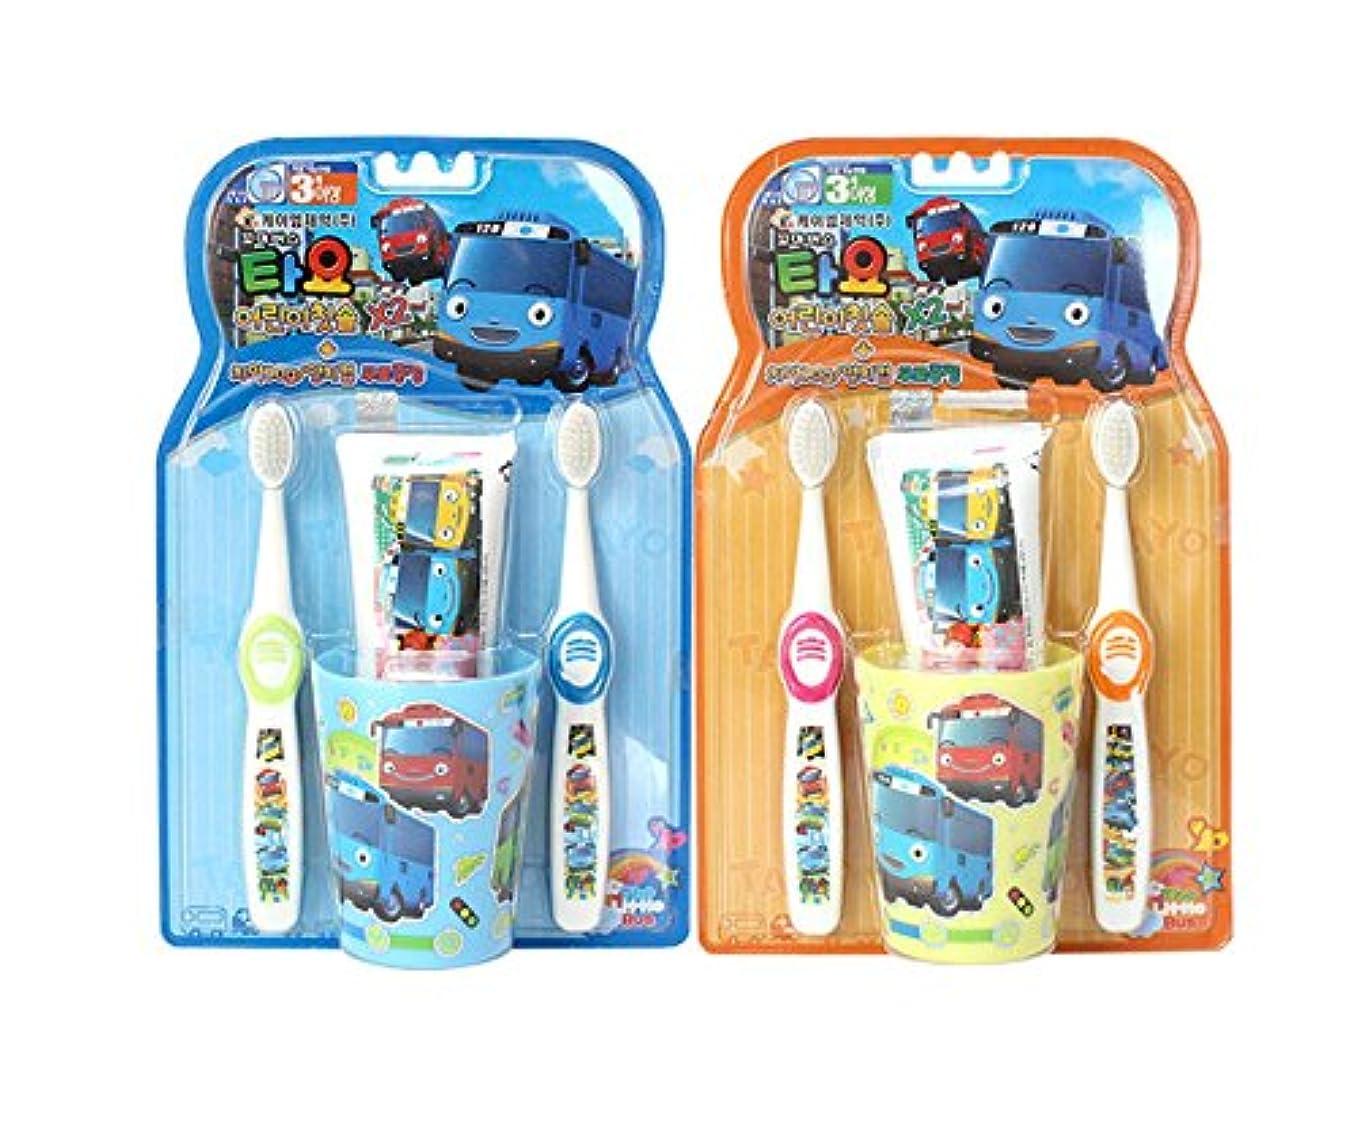 ホームカタログ本[SET] Tayo The Little Bus ちびっこバス タヨ 子ども用ハブラシ 乳歯?オーラルケア 歯磨き粉 歯ブラシ 歯カップ セット 歯磨きセット子供の歯ブラシ (2 SET) [並行輸入品]